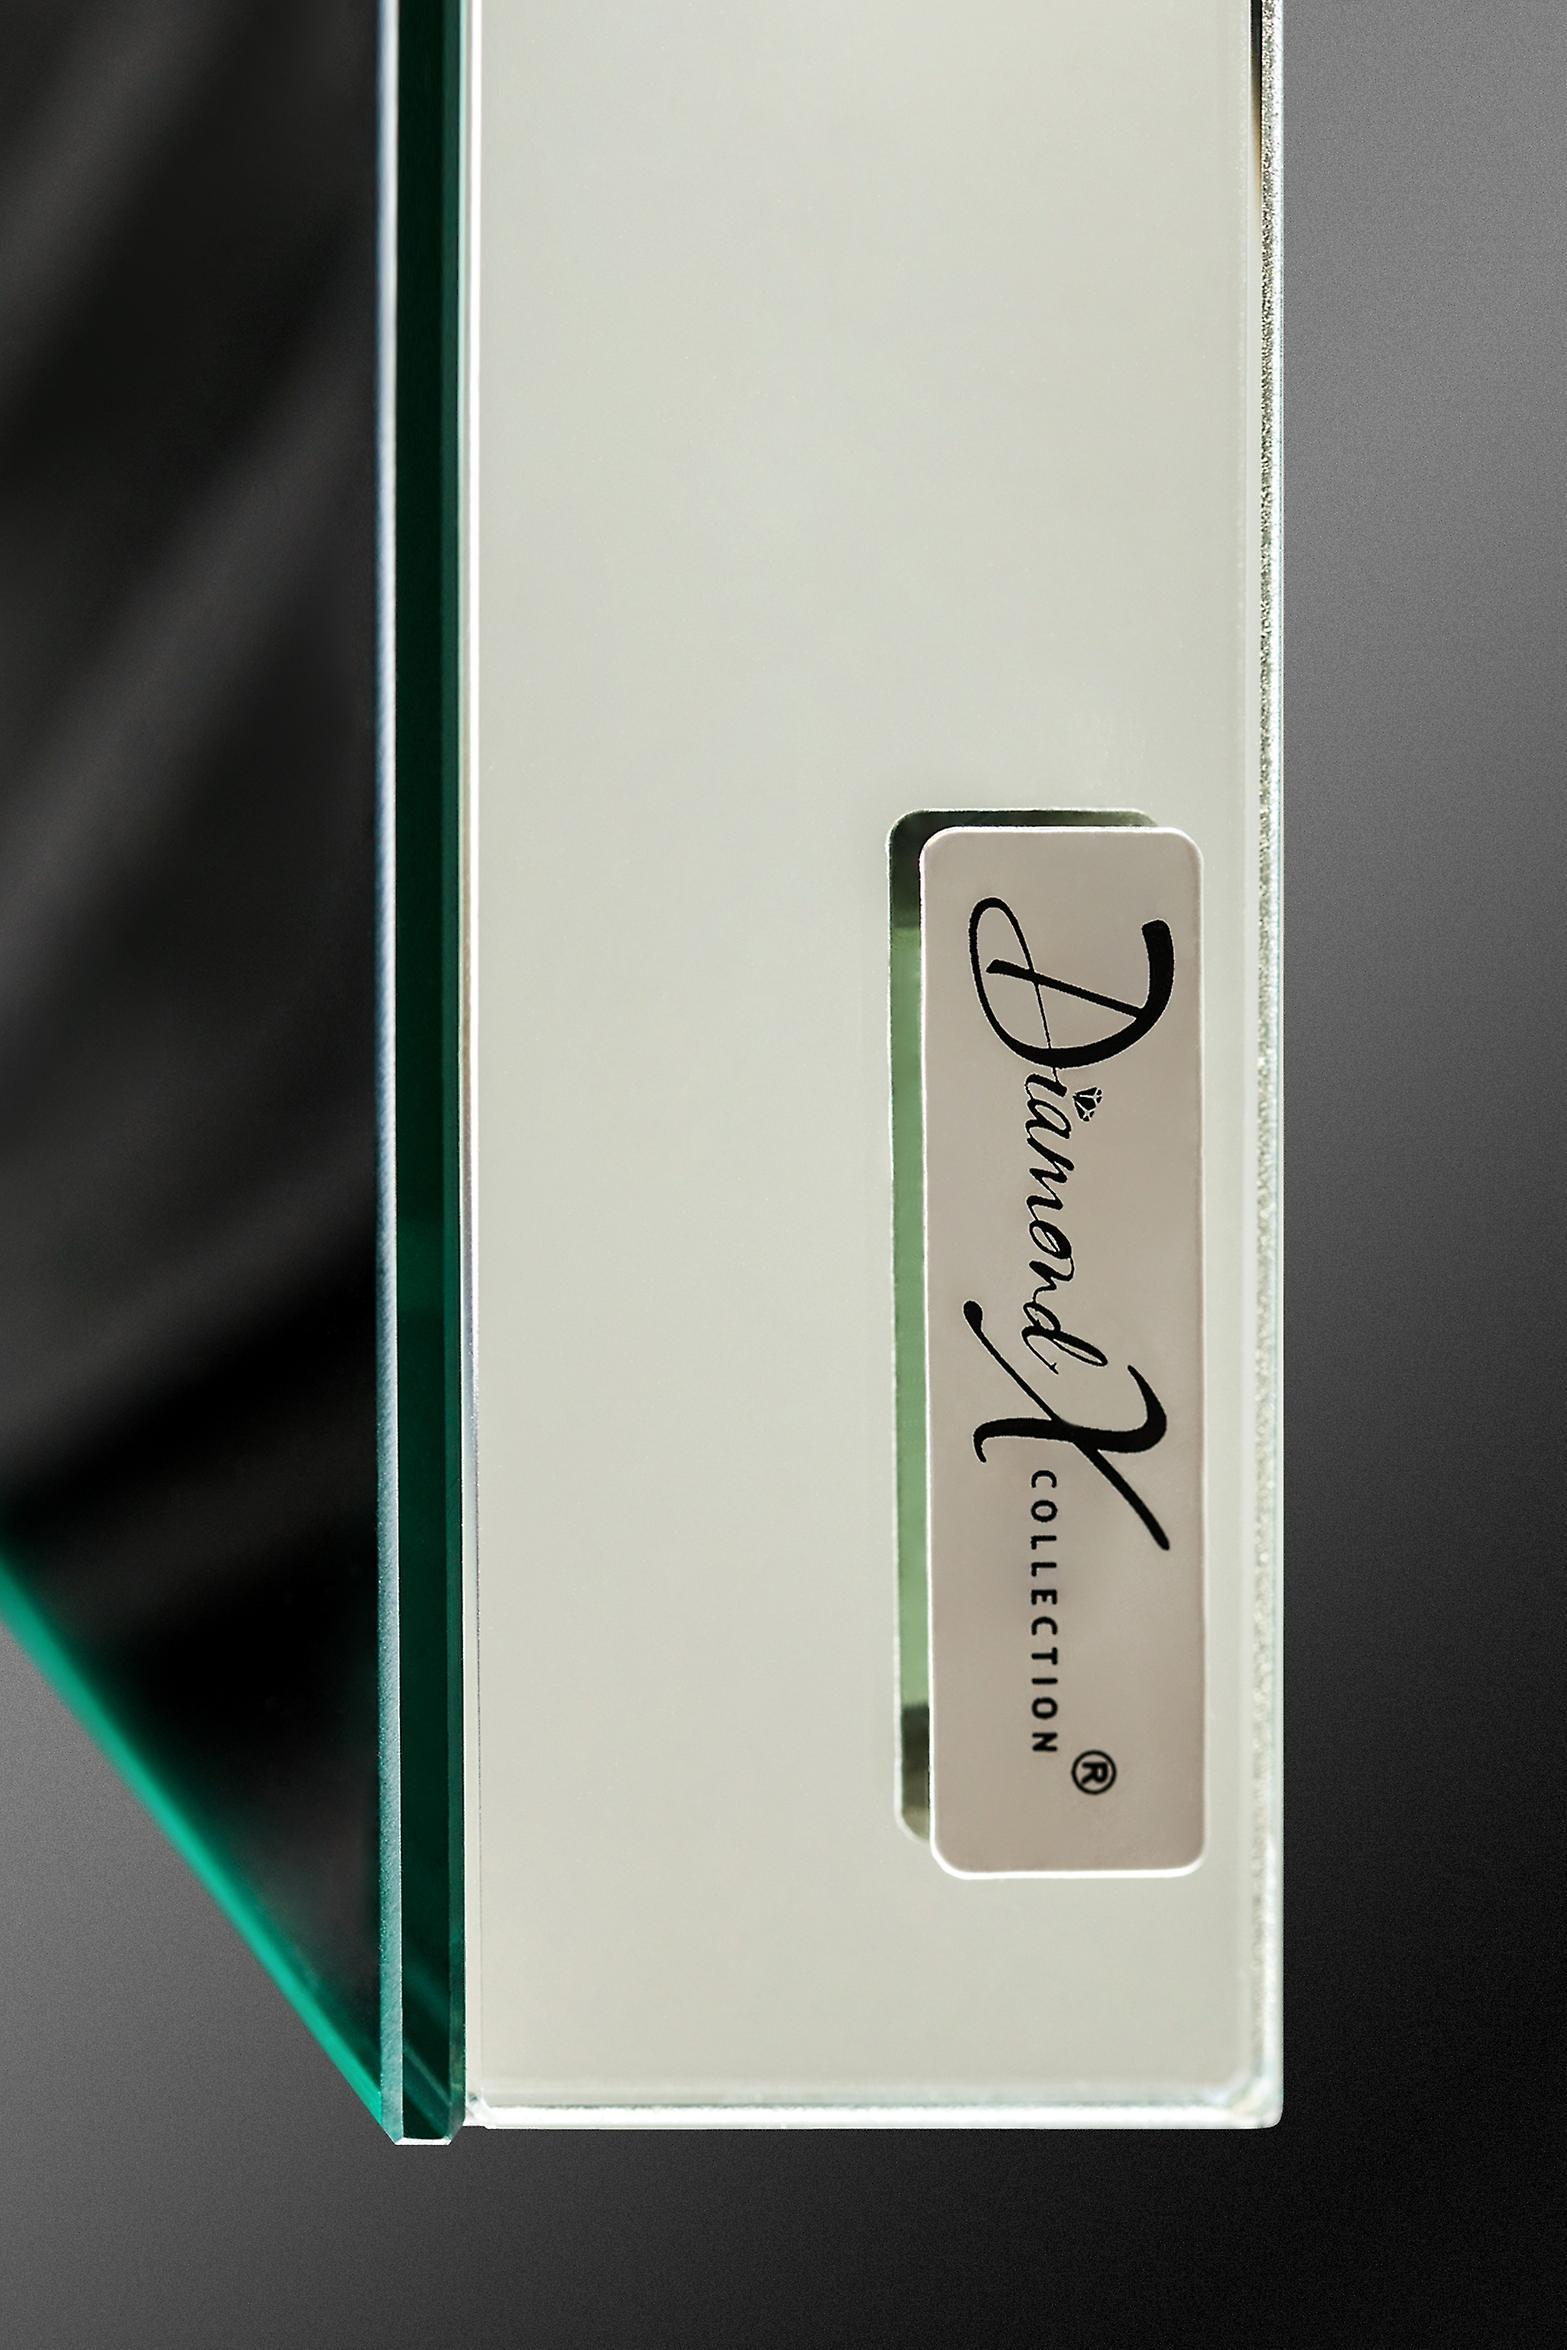 Cygnus Bluetooth Audio lumière salle de bain miroir & dévésiculeur/capteur k478aud